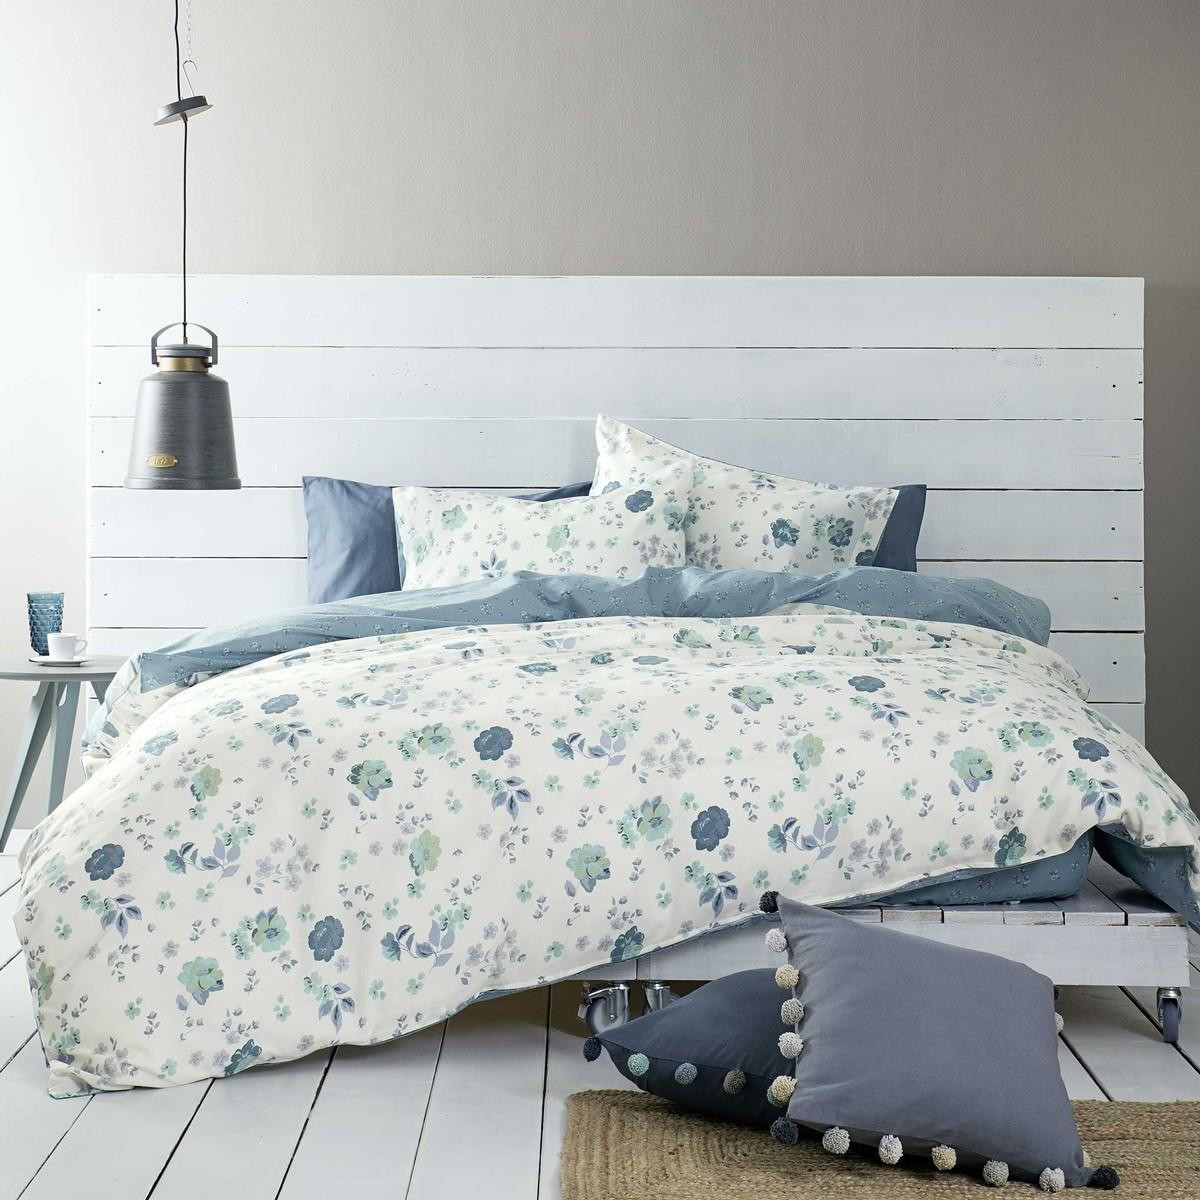 Παπλωματοθήκη Υπέρδιπλη (Σετ) Nima Bed Linen Almeria Blue